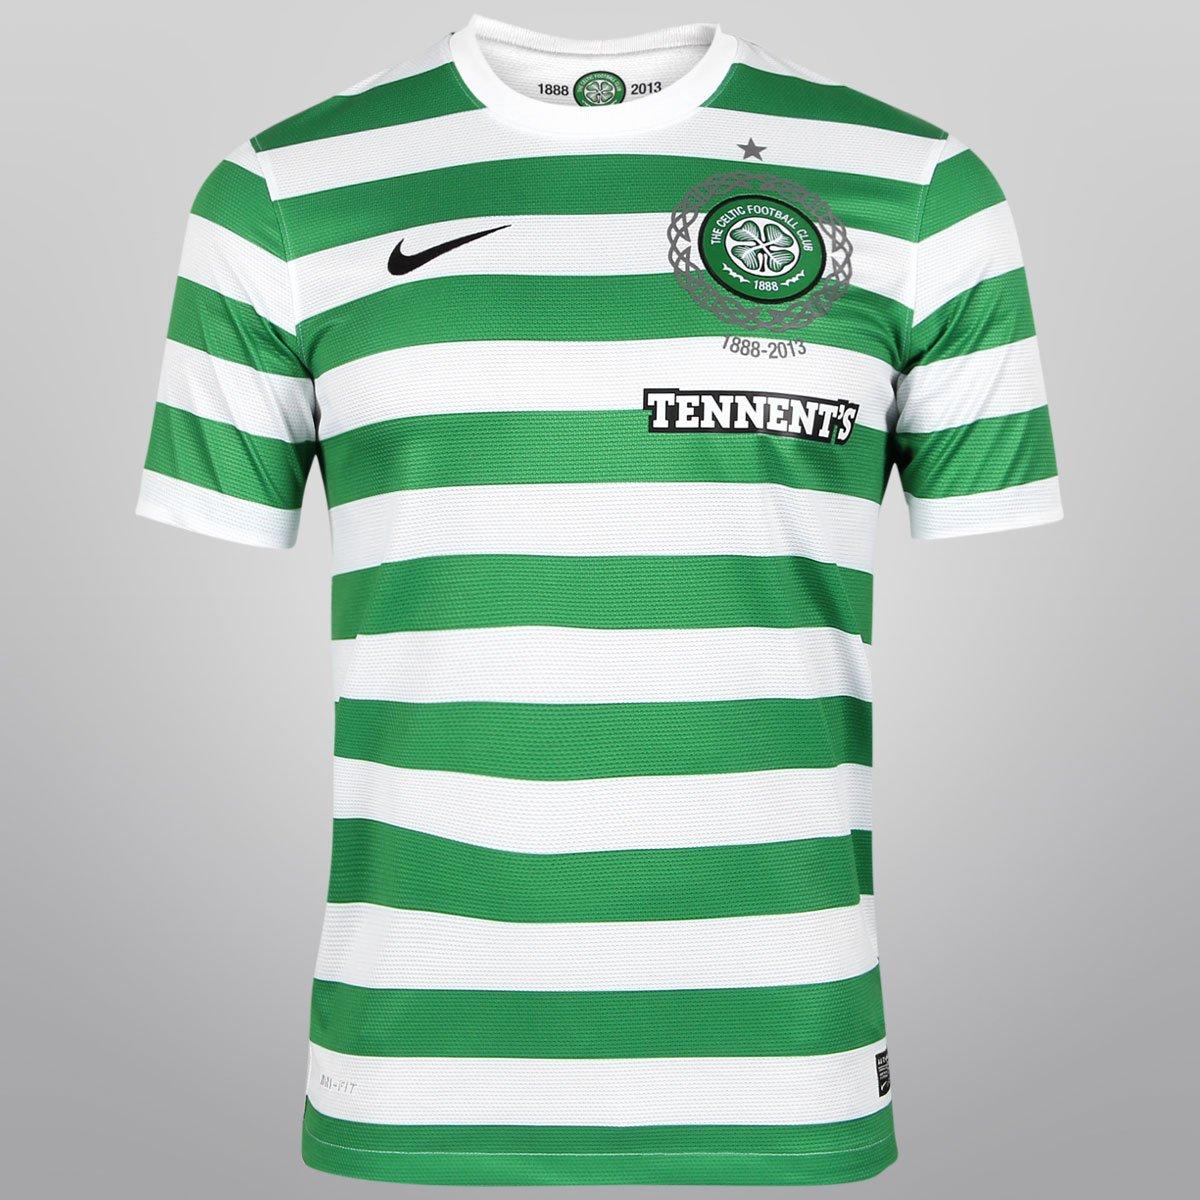 Camisa Nike Celtic Home 12 13 s nº - Compre Agora  959cca5c353a5